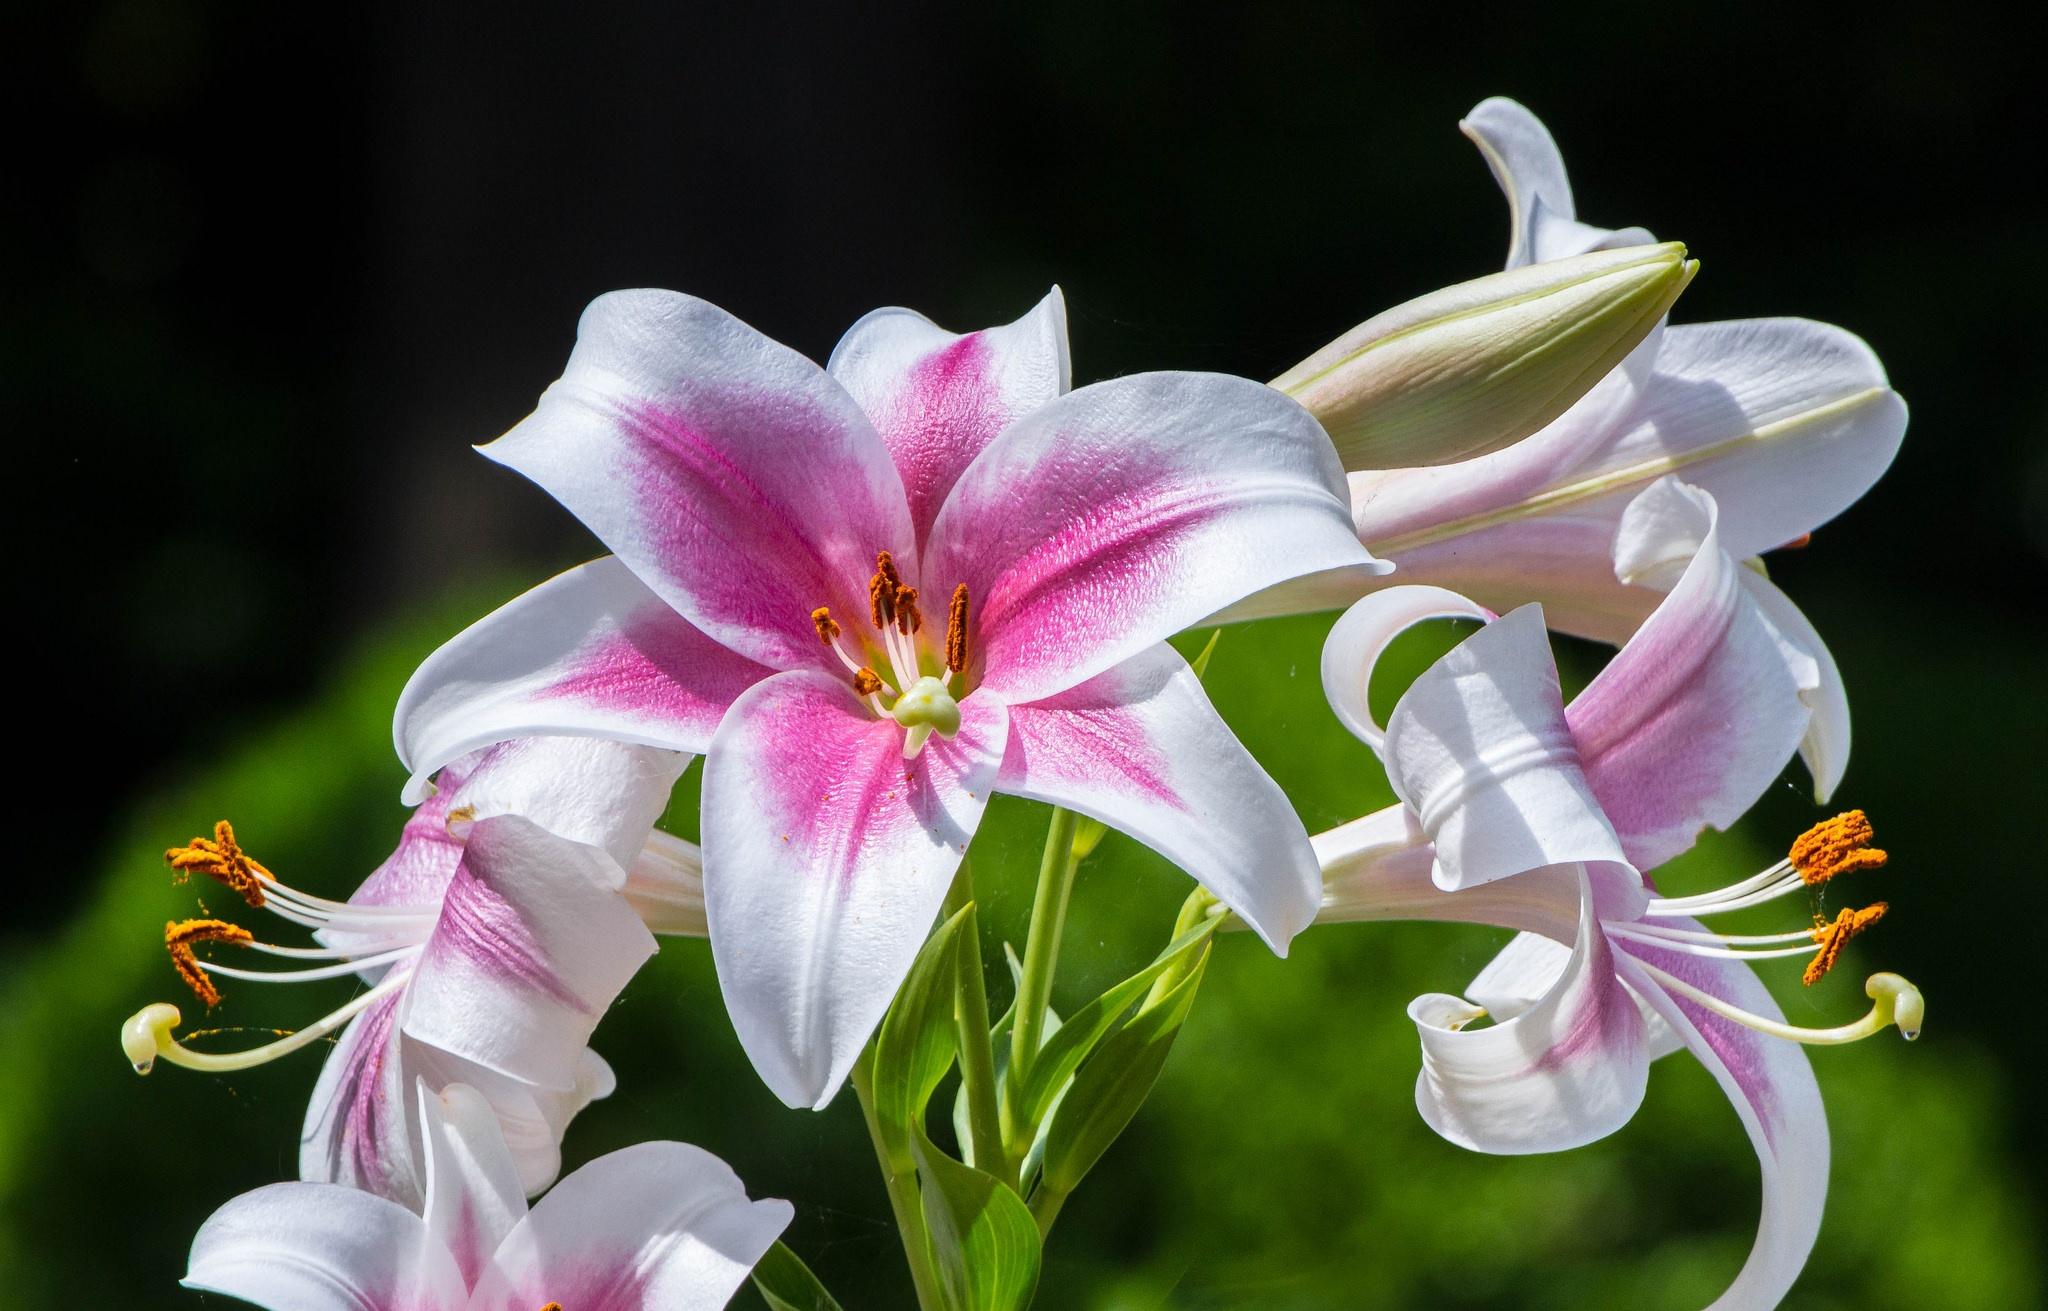 художественные фото цветы лилии стоят